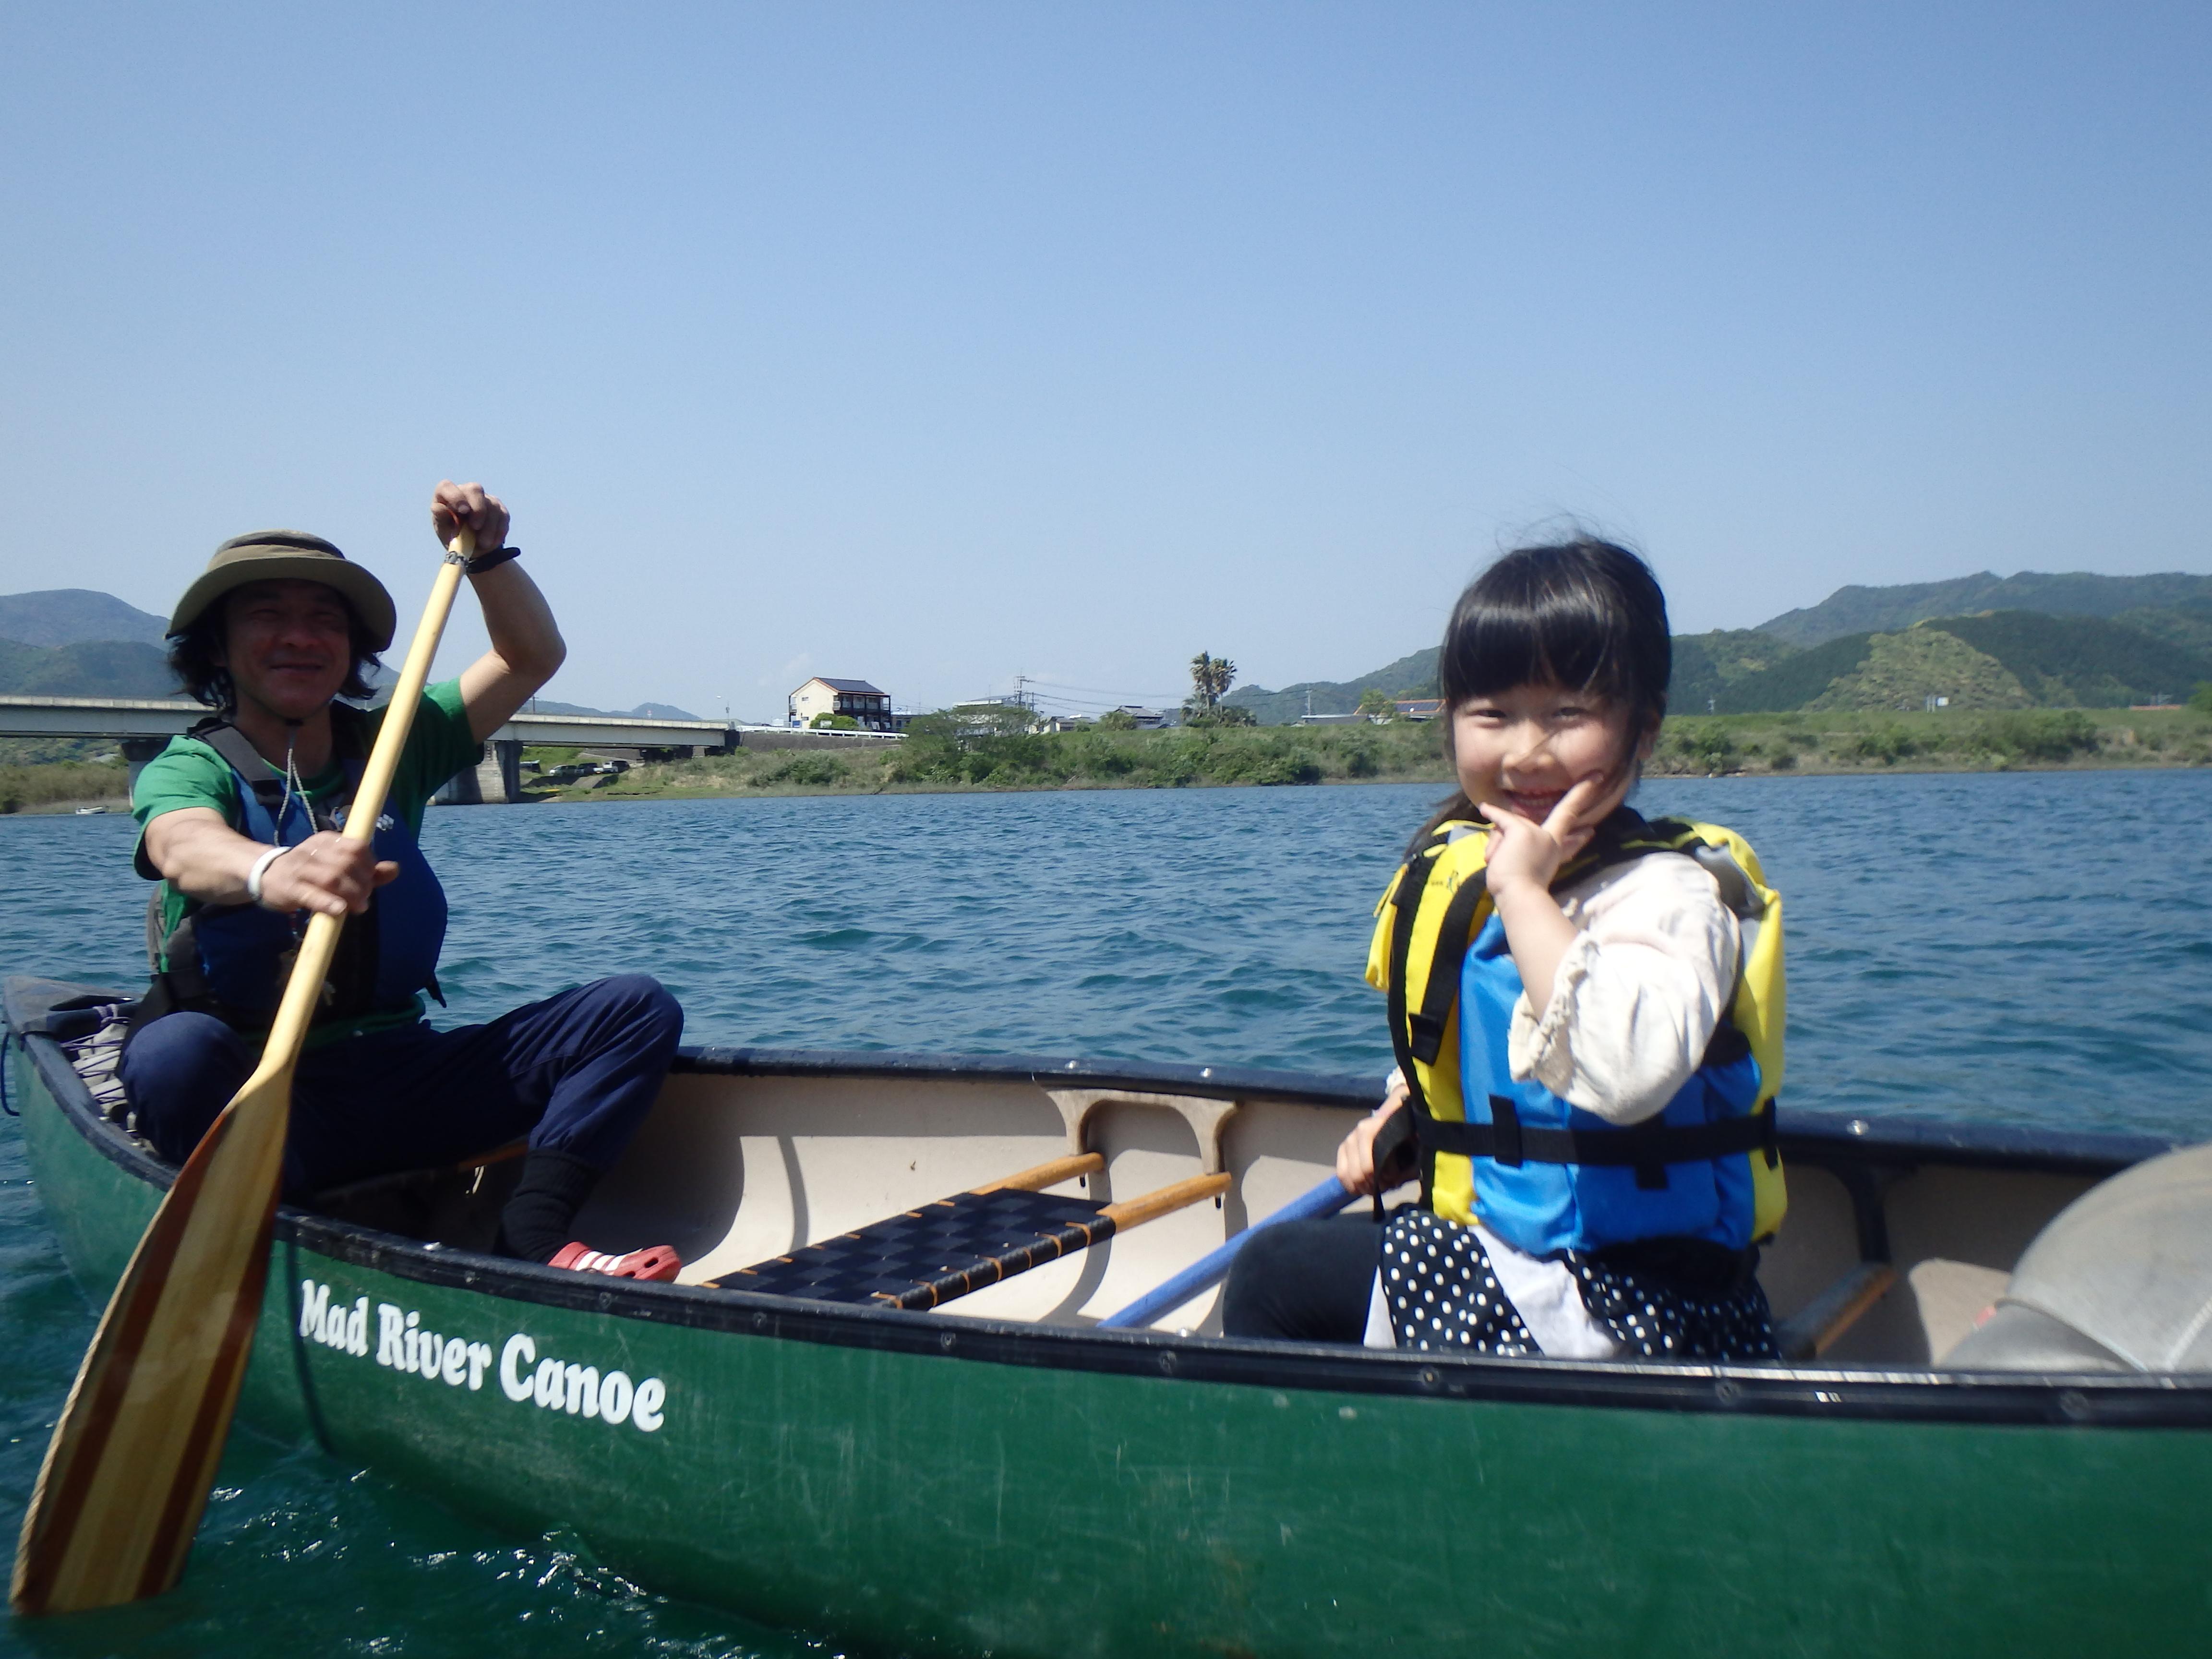 北川を親子でカナディアンカヌーでゆったりと下ります。